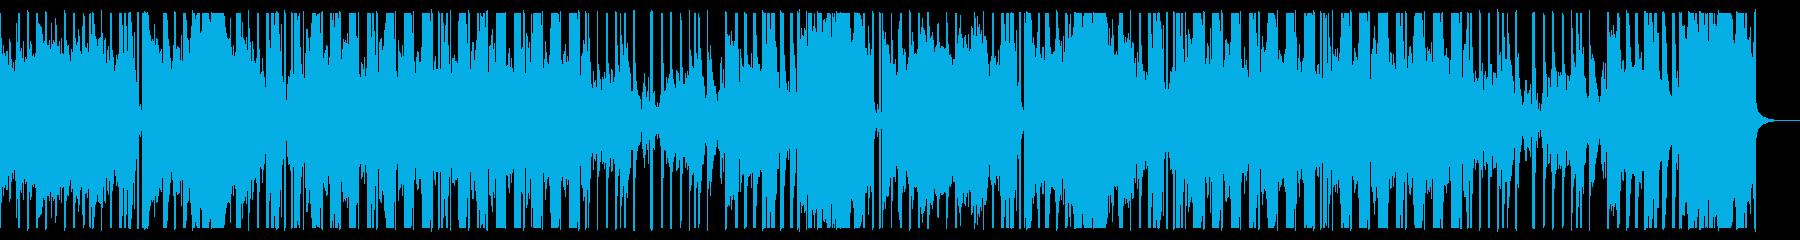 ダーク、スローでエレクトロなハロウィン曲の再生済みの波形